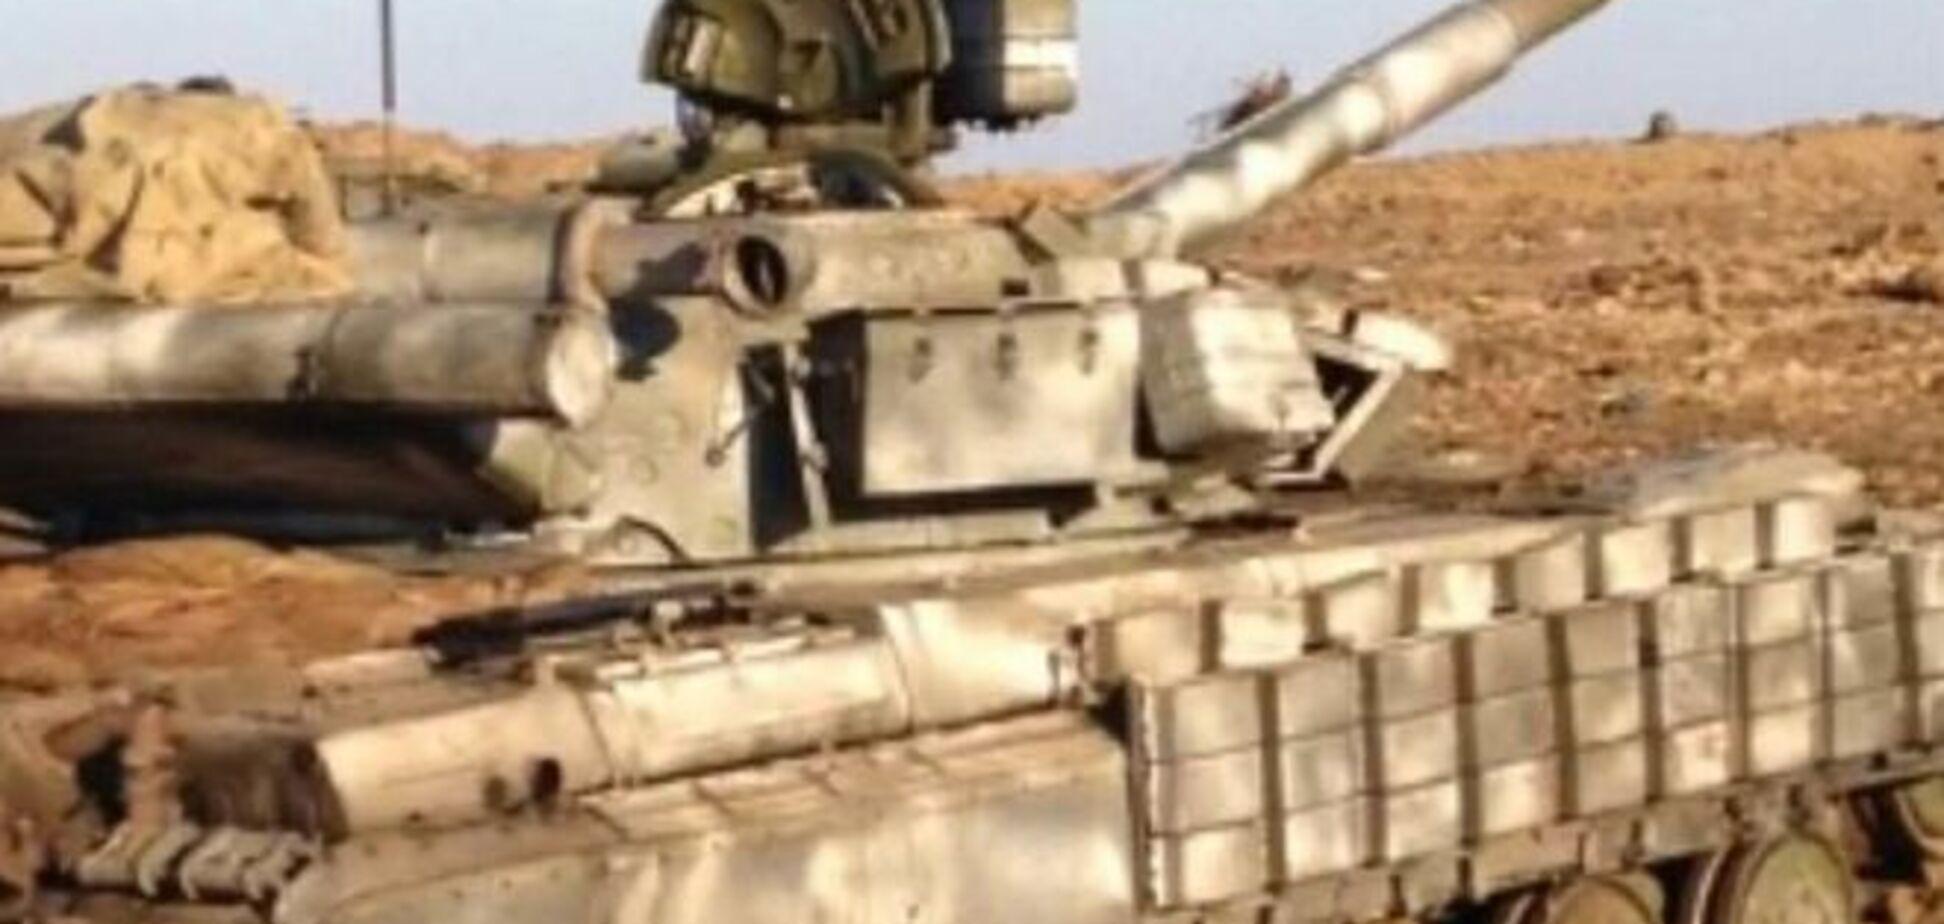 Спецподразделение 'Тесла' вышло из-под Дебальцево, уничтожив российский танк: опубликовано фото и видео